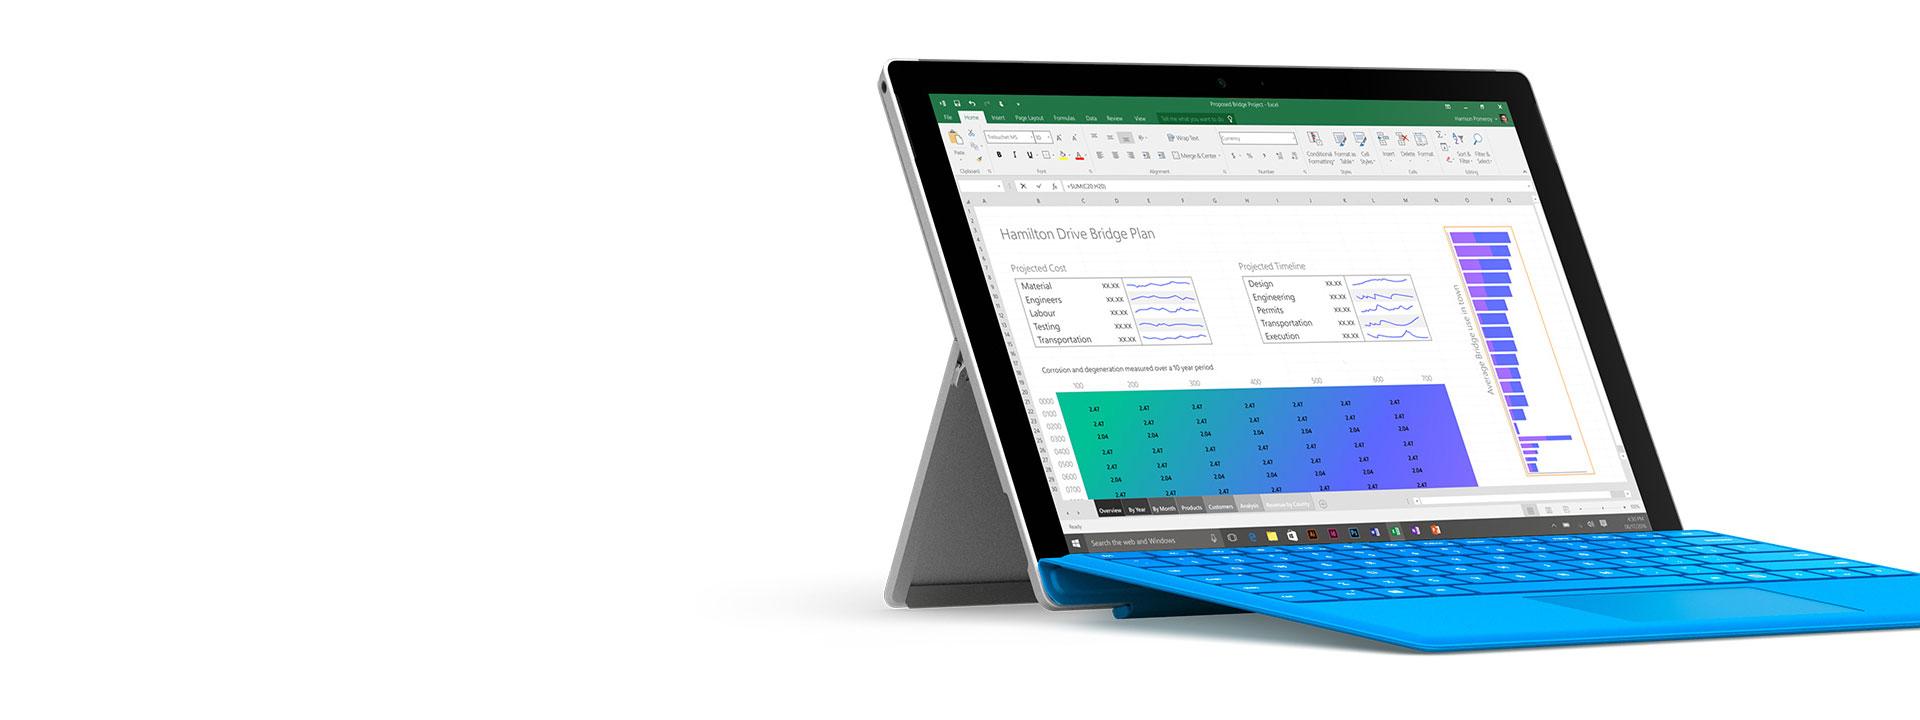 Surface Pro 4, jonka näytössä on Office.